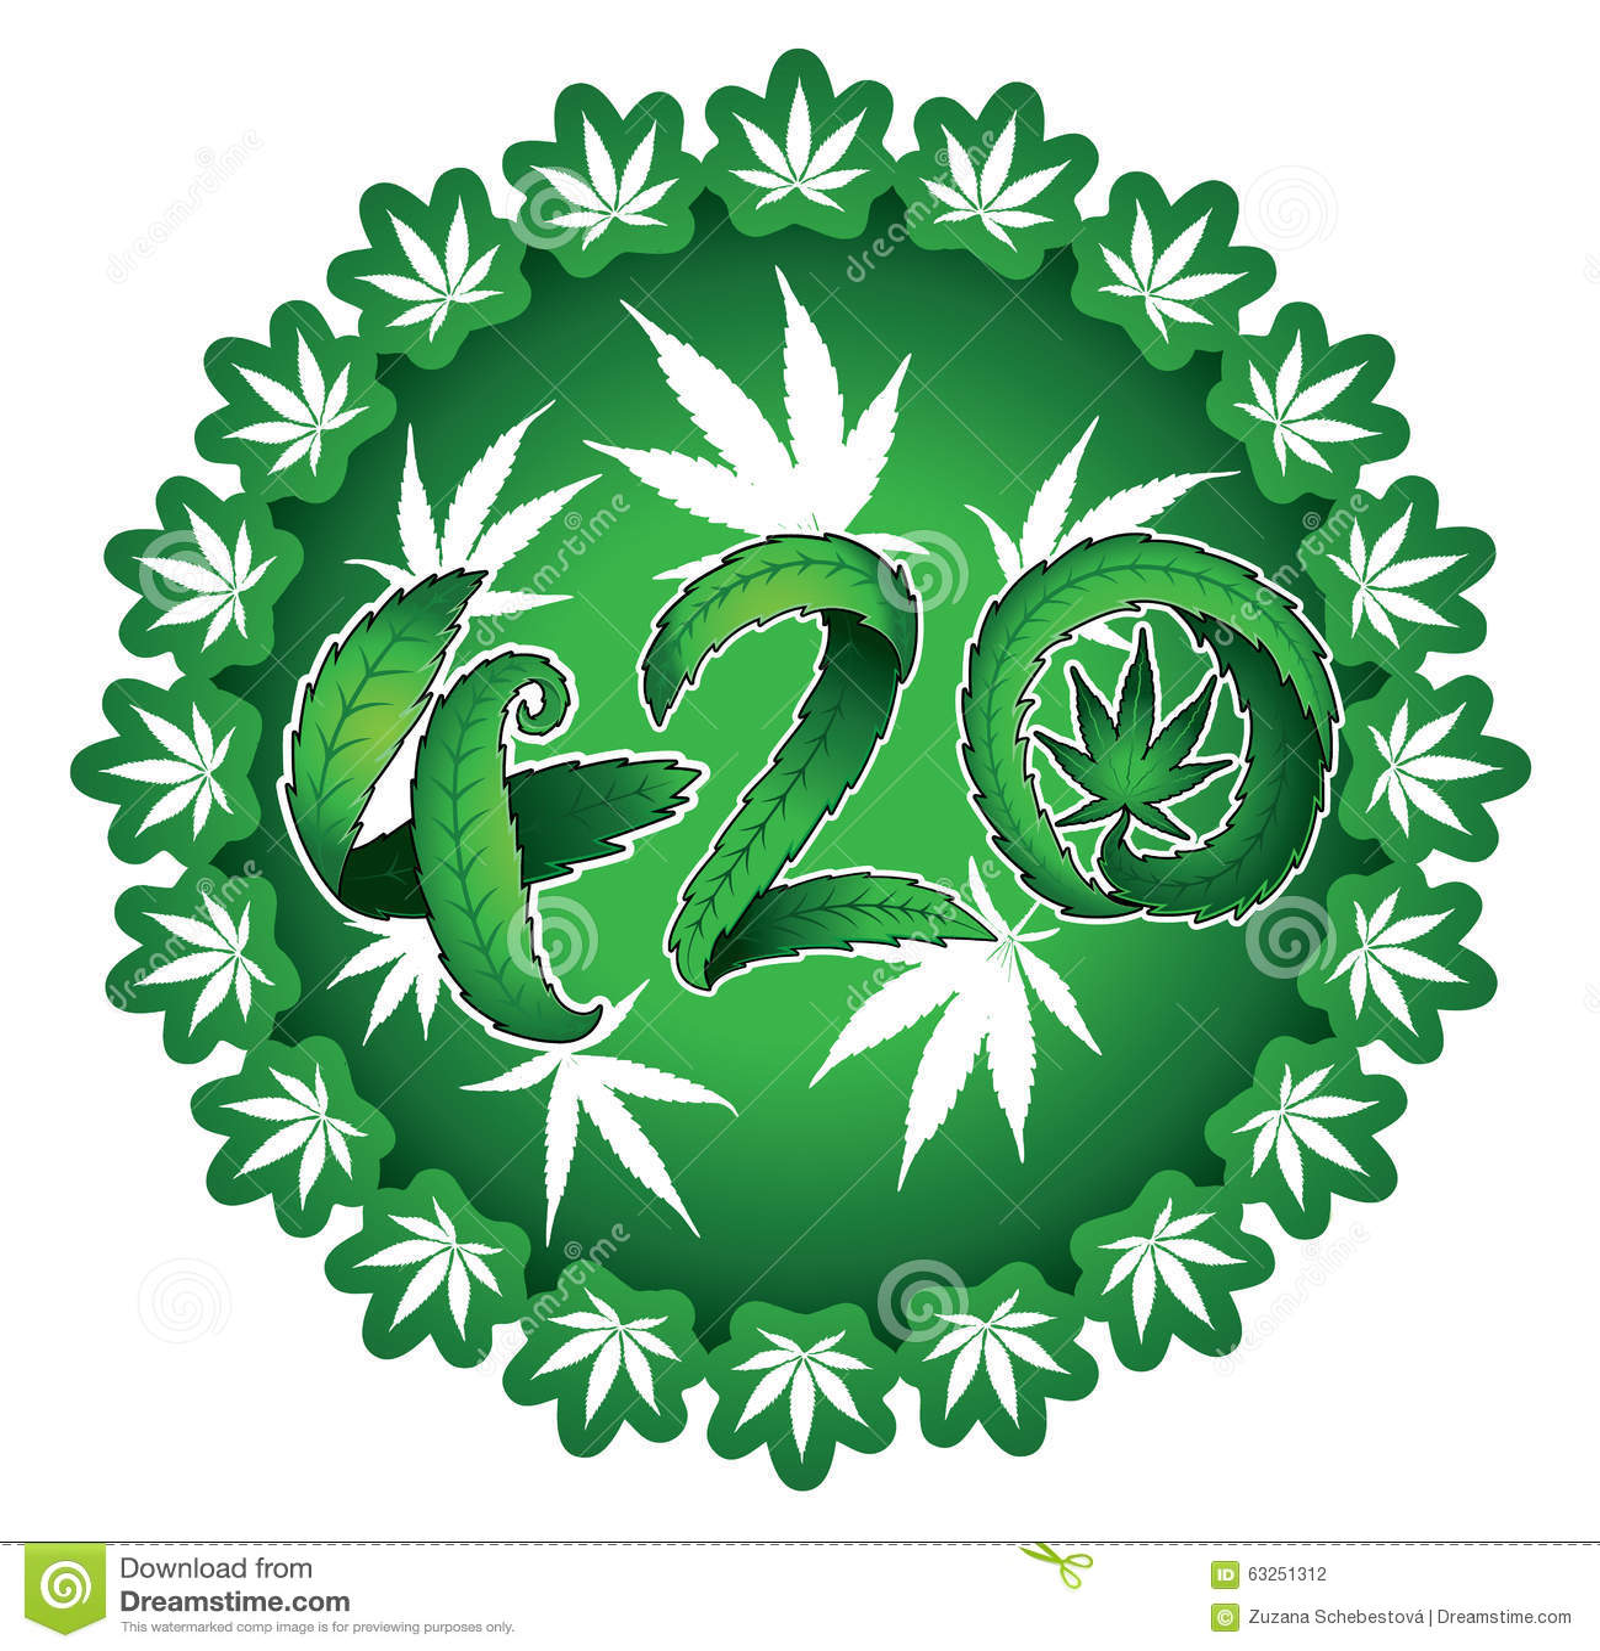 Green marijuana leaf 420 text illustration stamps stock green marijuana leaf 420 text illustration stamps biocorpaavc